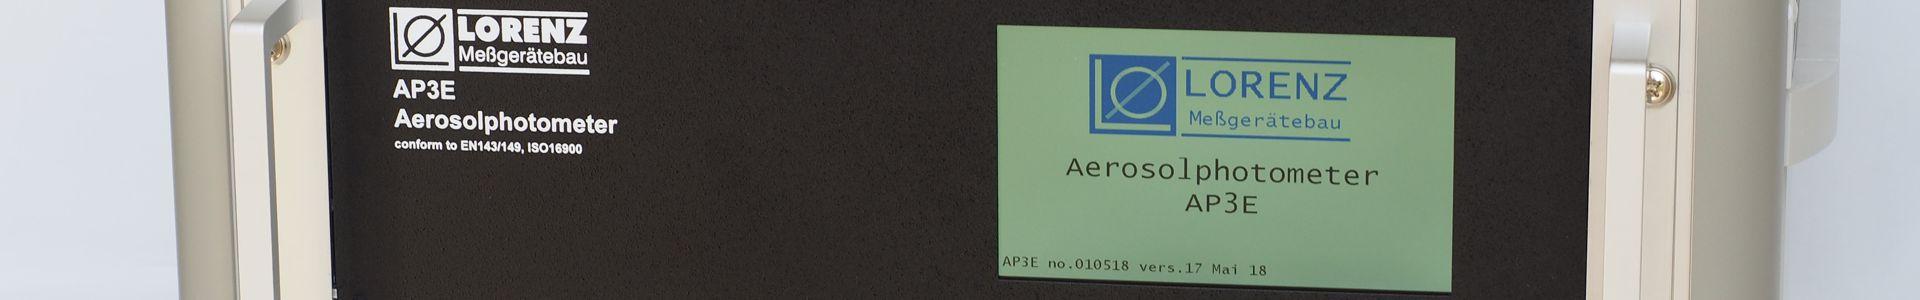 Slider-AP3E